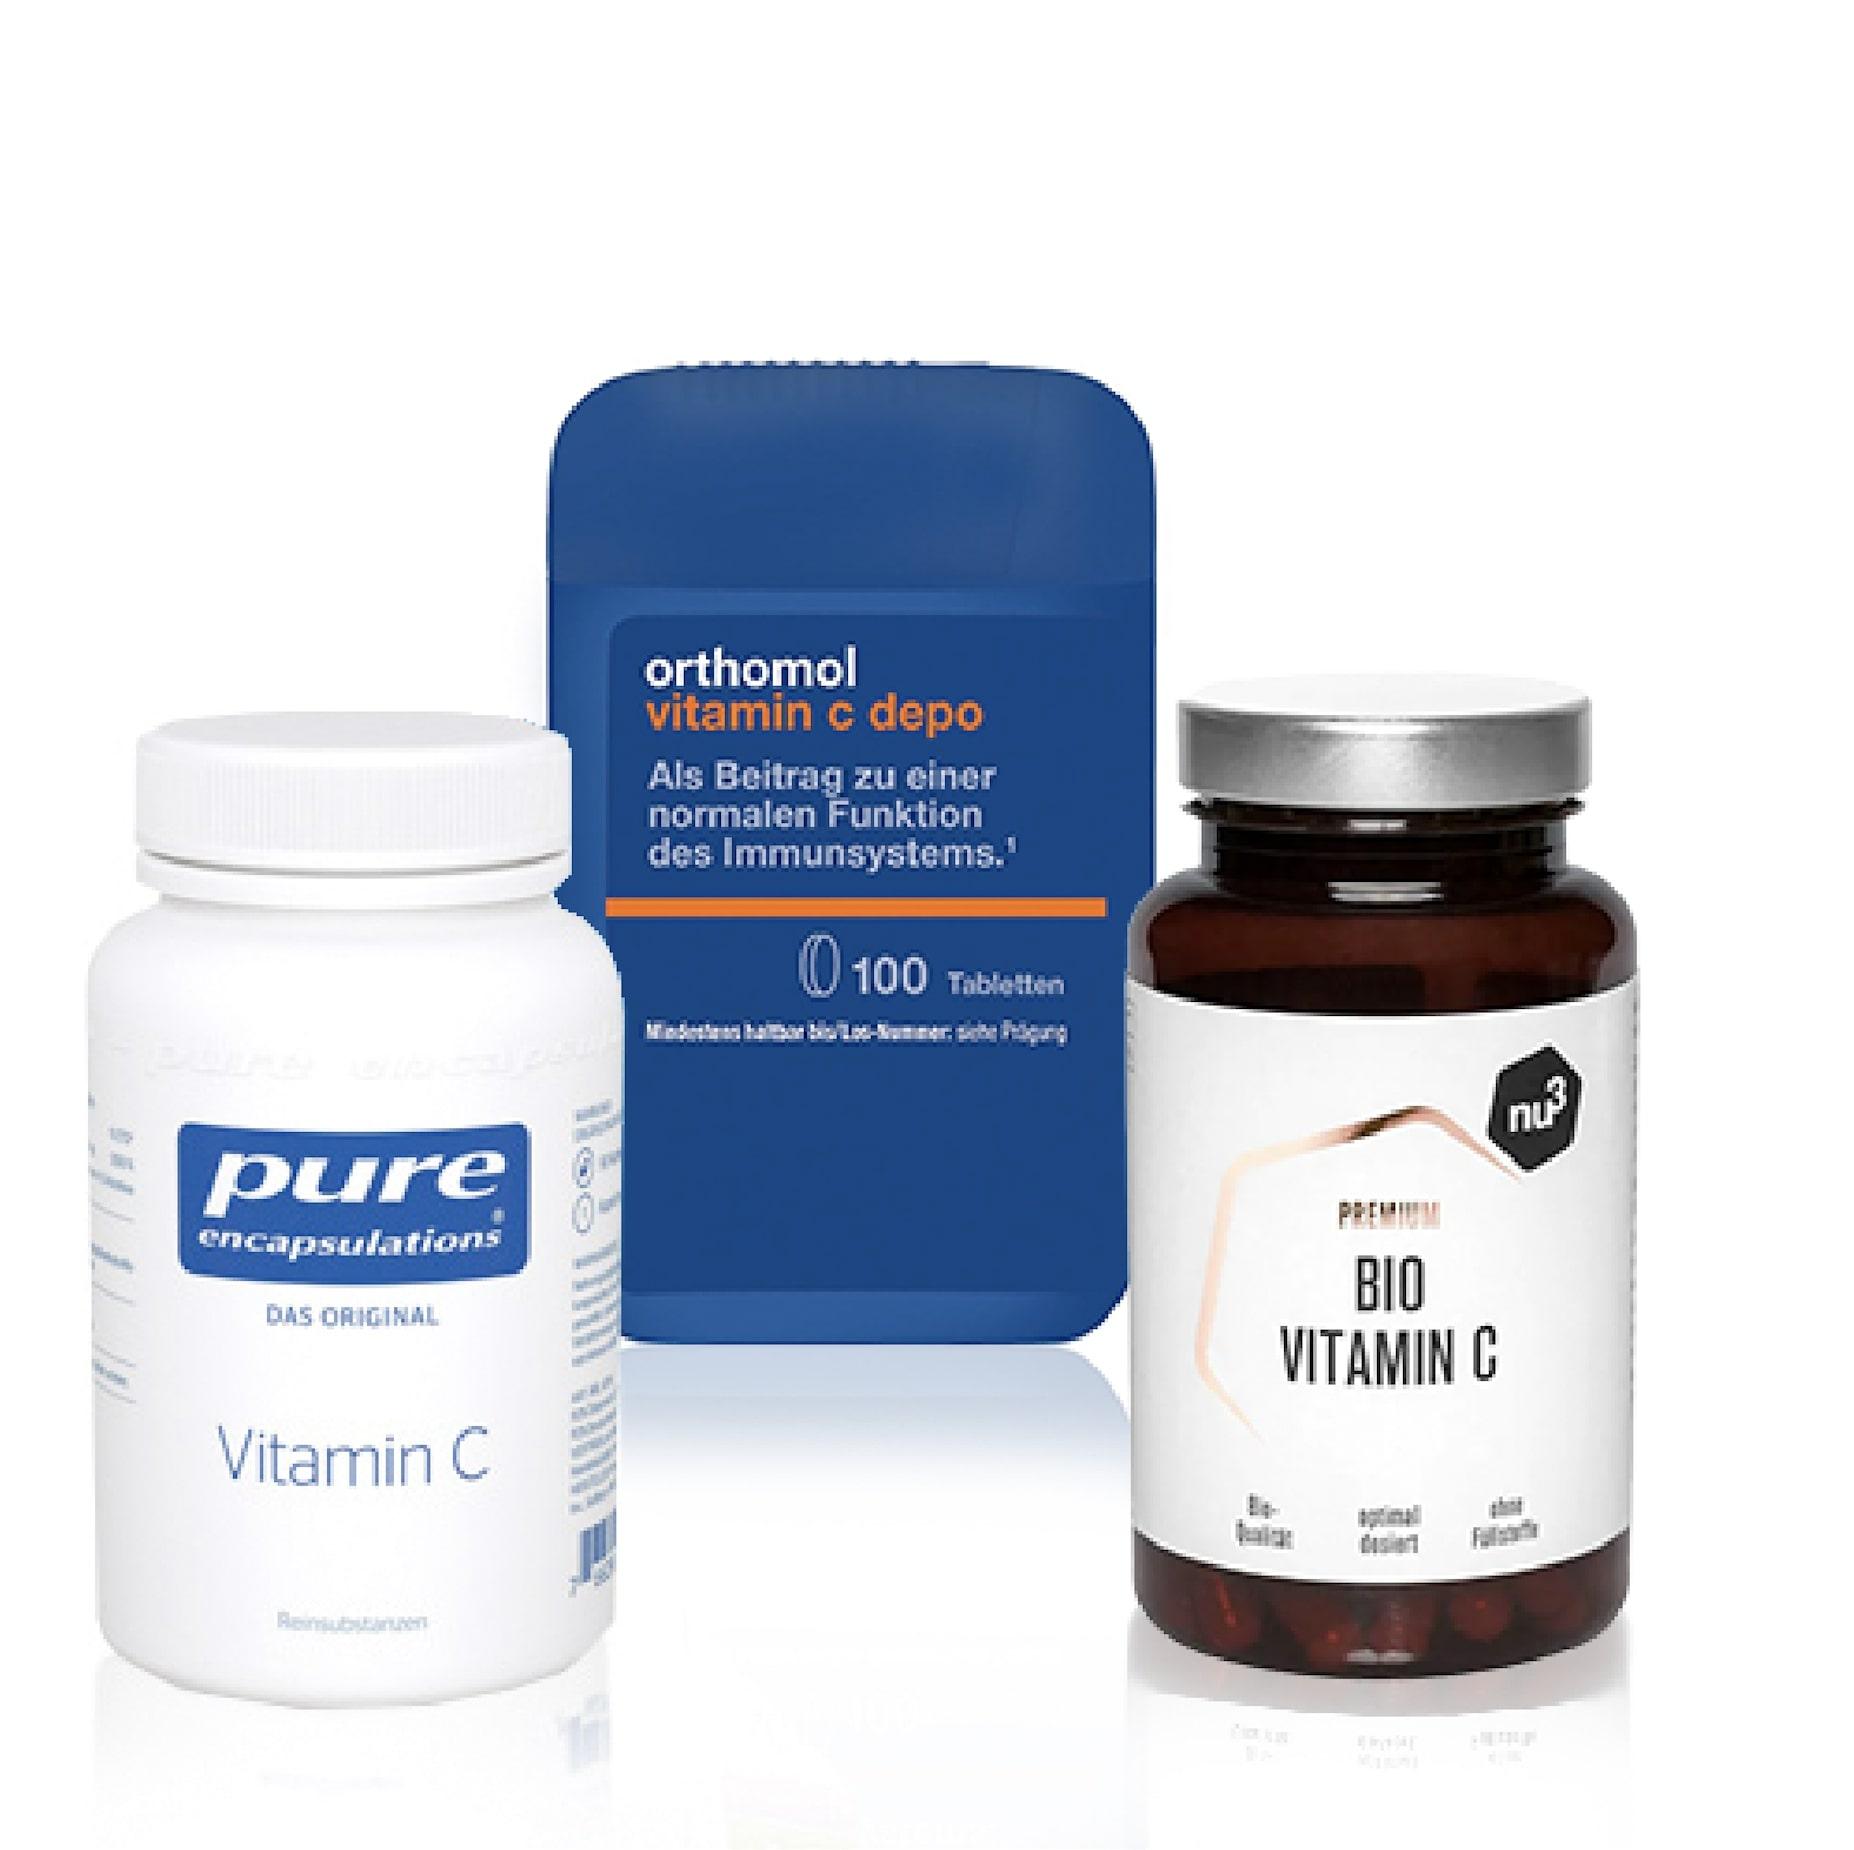 Vitamin C - shop-apotheke.com